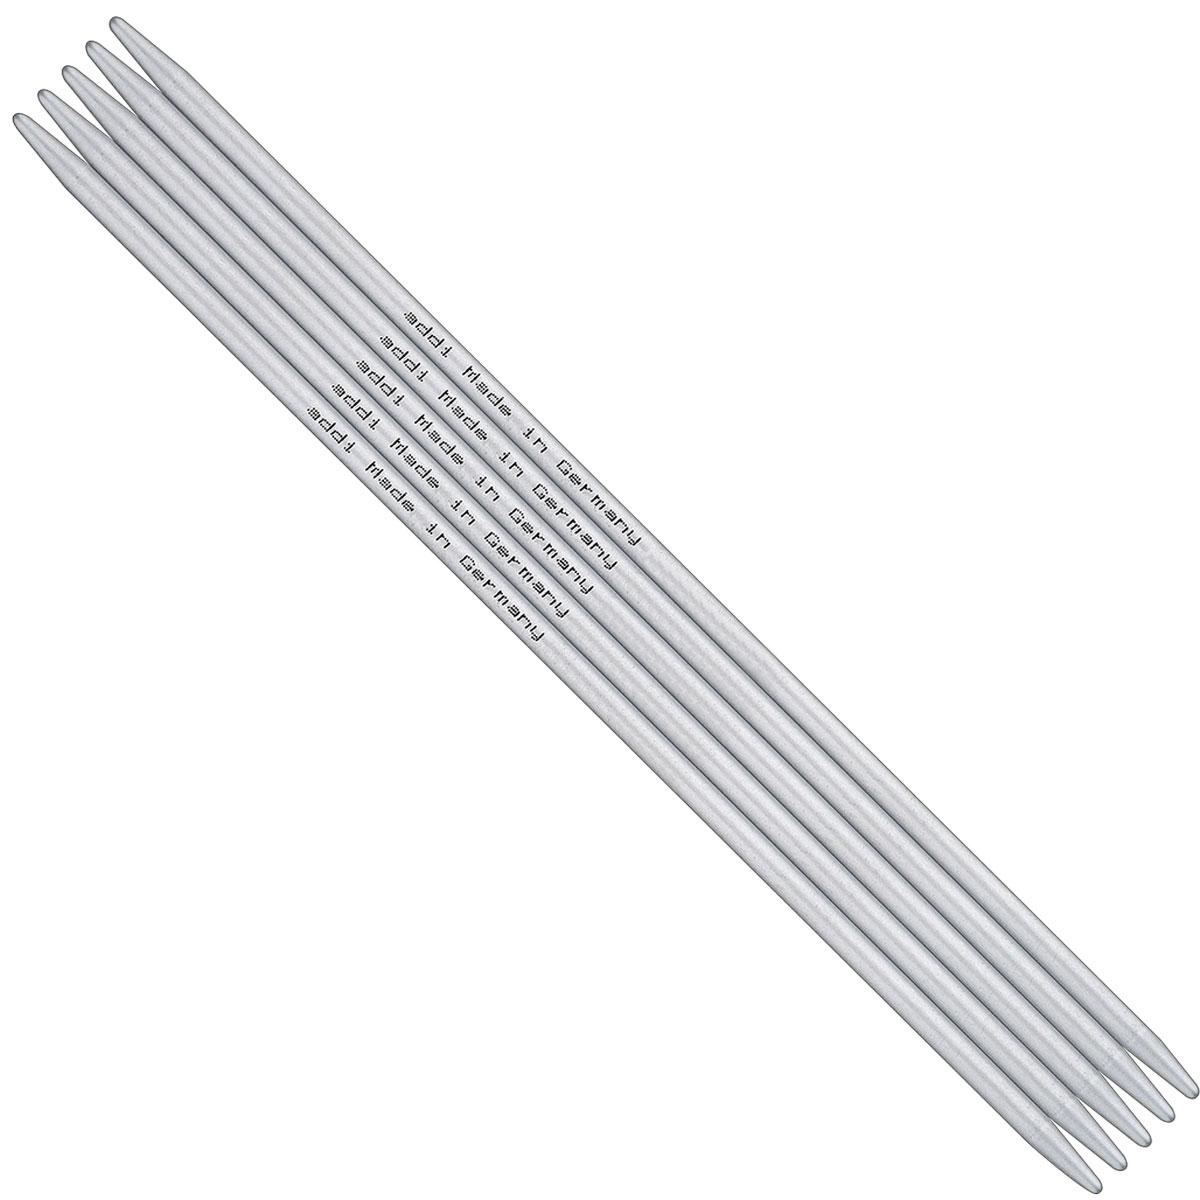 Спицы чулочные Addi, алюминиевые, диаметр 2,5 мм, длина 40 см, 5 шт201-7/2.5-40Чулочные спицы для вязания Addi, изготовленные из алюминия, не имеют ограничителей и предназначены для вязания бейки горловины, чулок, шапочек, варежек и носков. Спицы прочные, легкие, гладкие и удобные в использовании. Спицы обладают прекрасными тактильными качествами и благородным серебристо-матовым цветом. Уникальный стук при вязании радует слух. За счет гладкой поверхности работать с ними легко и удобно. На саму спицу нанесен размер, длина и надпись: Made in Germany. Вы сможете вязать для себя и делать подарки друзьям. Рукоделие всегда считалось изысканным, благородным делом. Работа, сделанная своими руками, долго будет радовать вас и ваших близких.